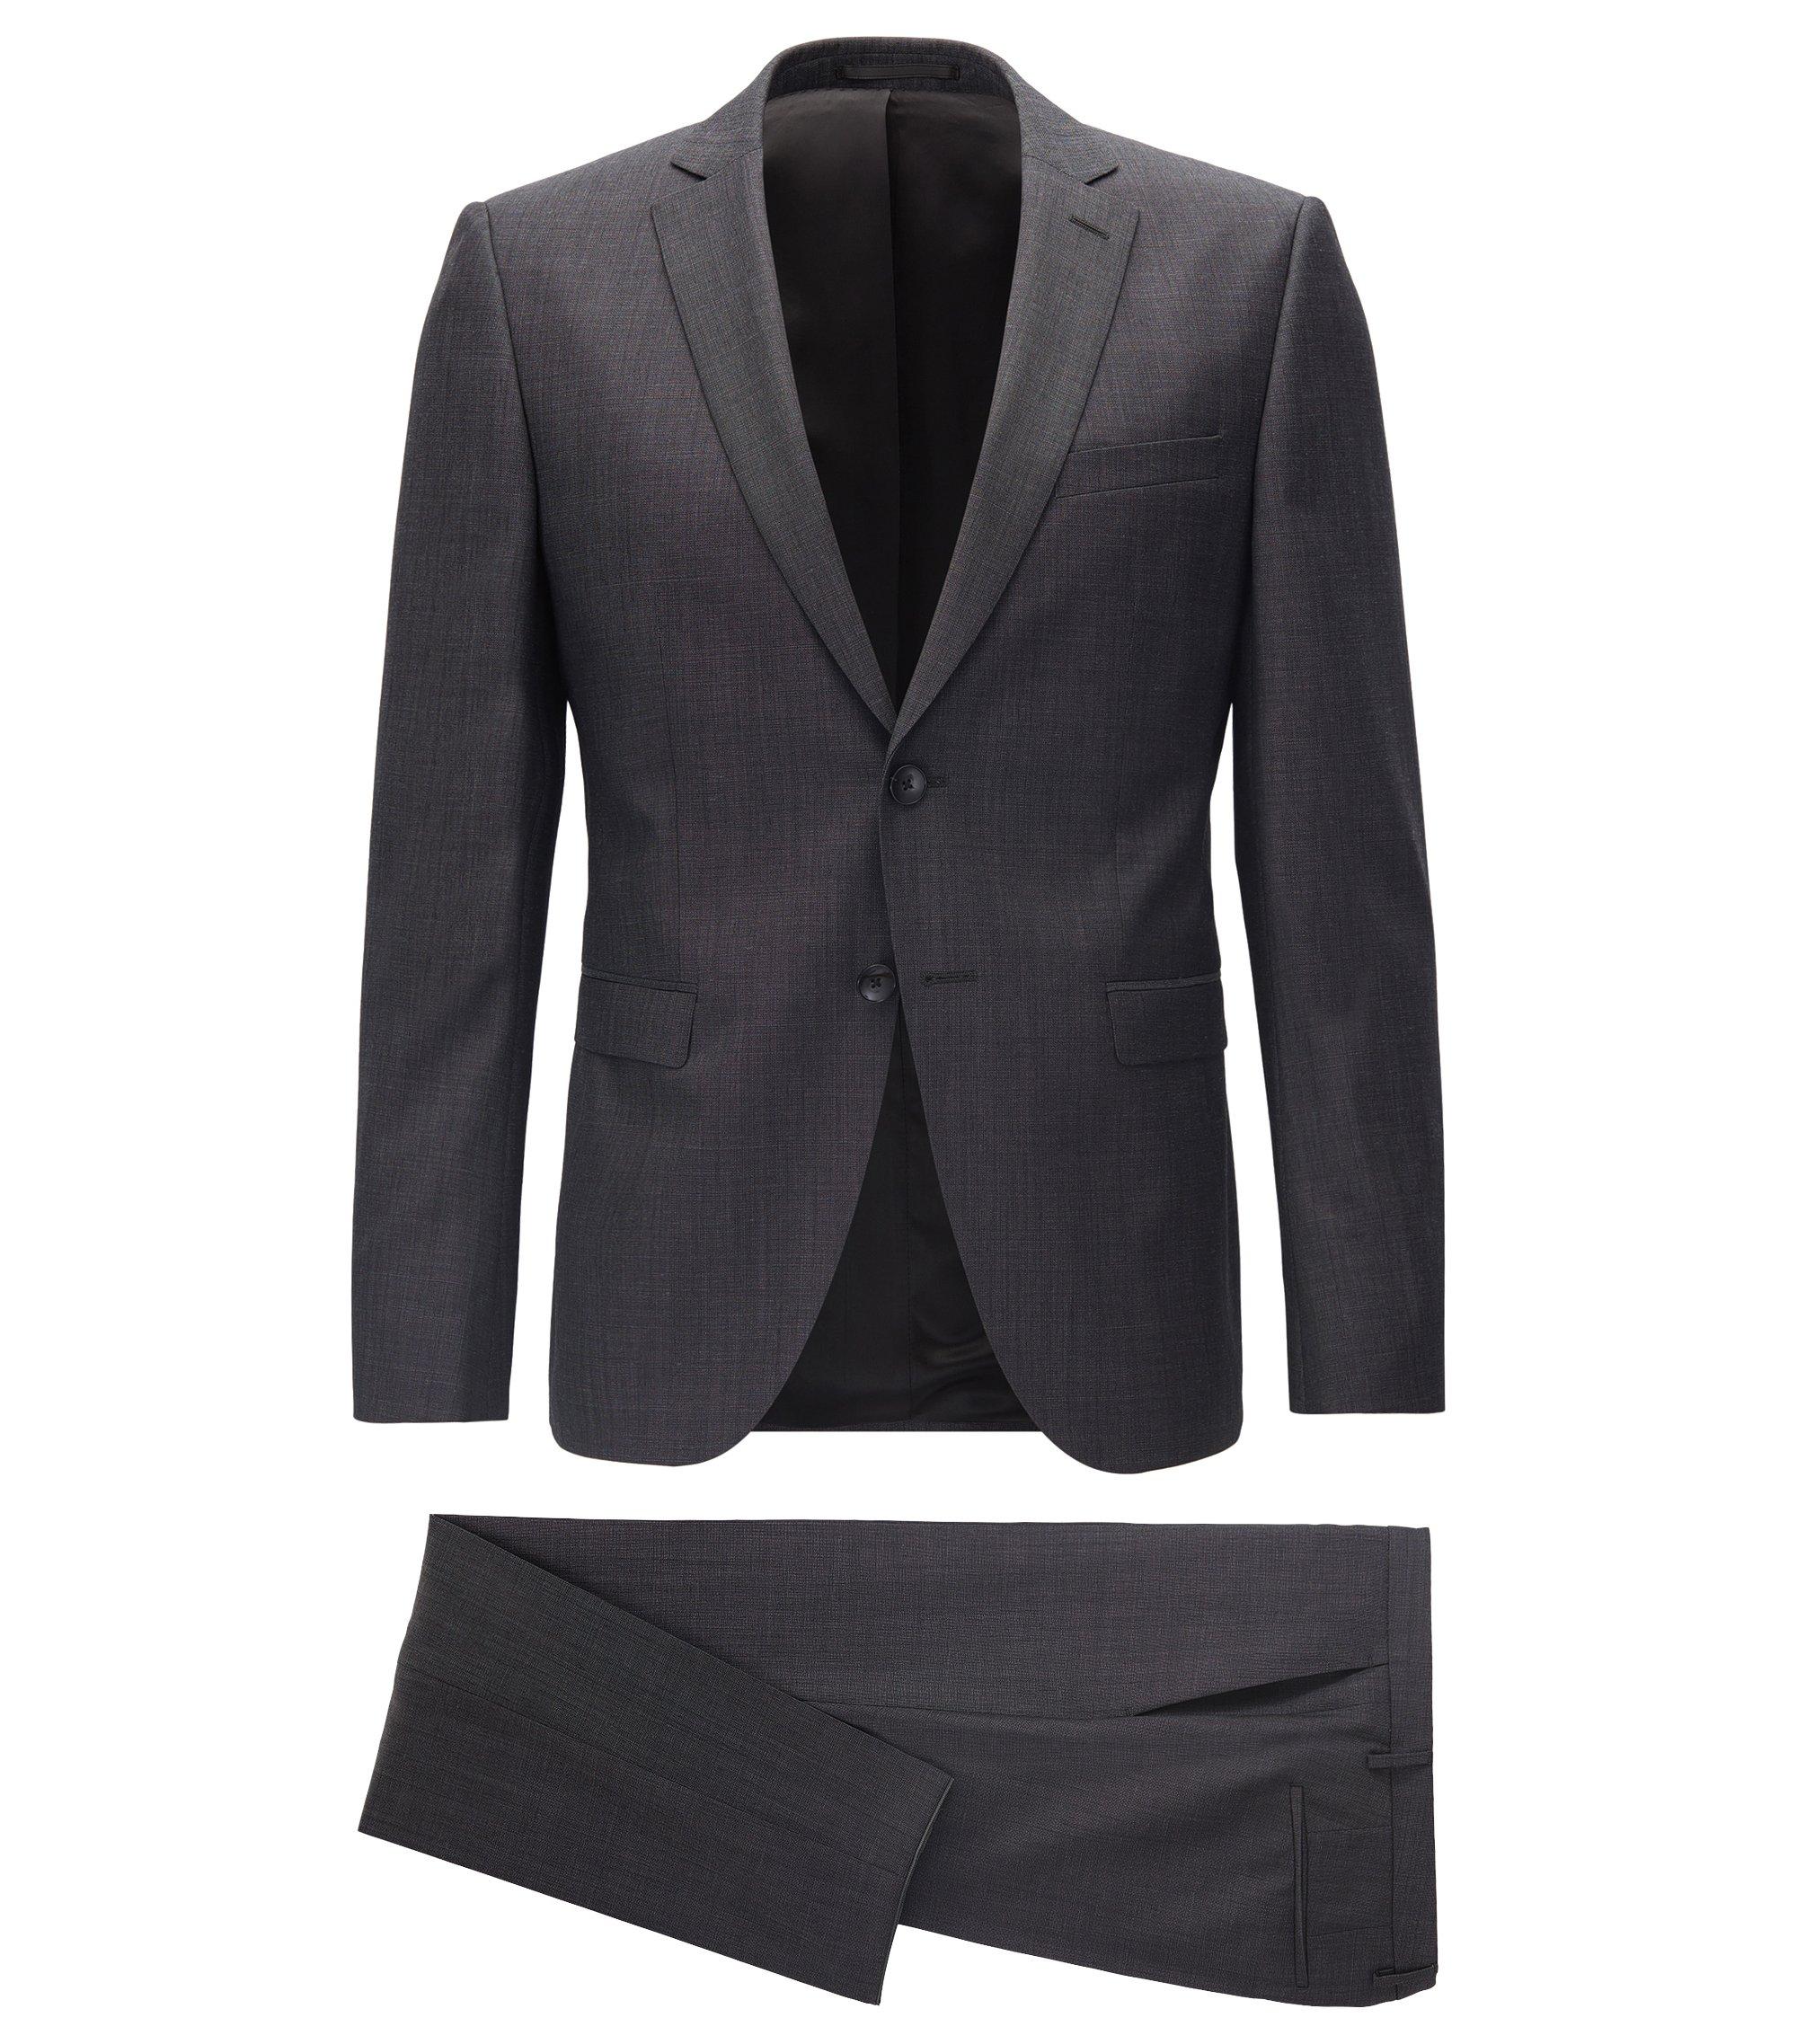 Extra Slim-Fit Anzug aus reiner Schurwolle, Anthrazit